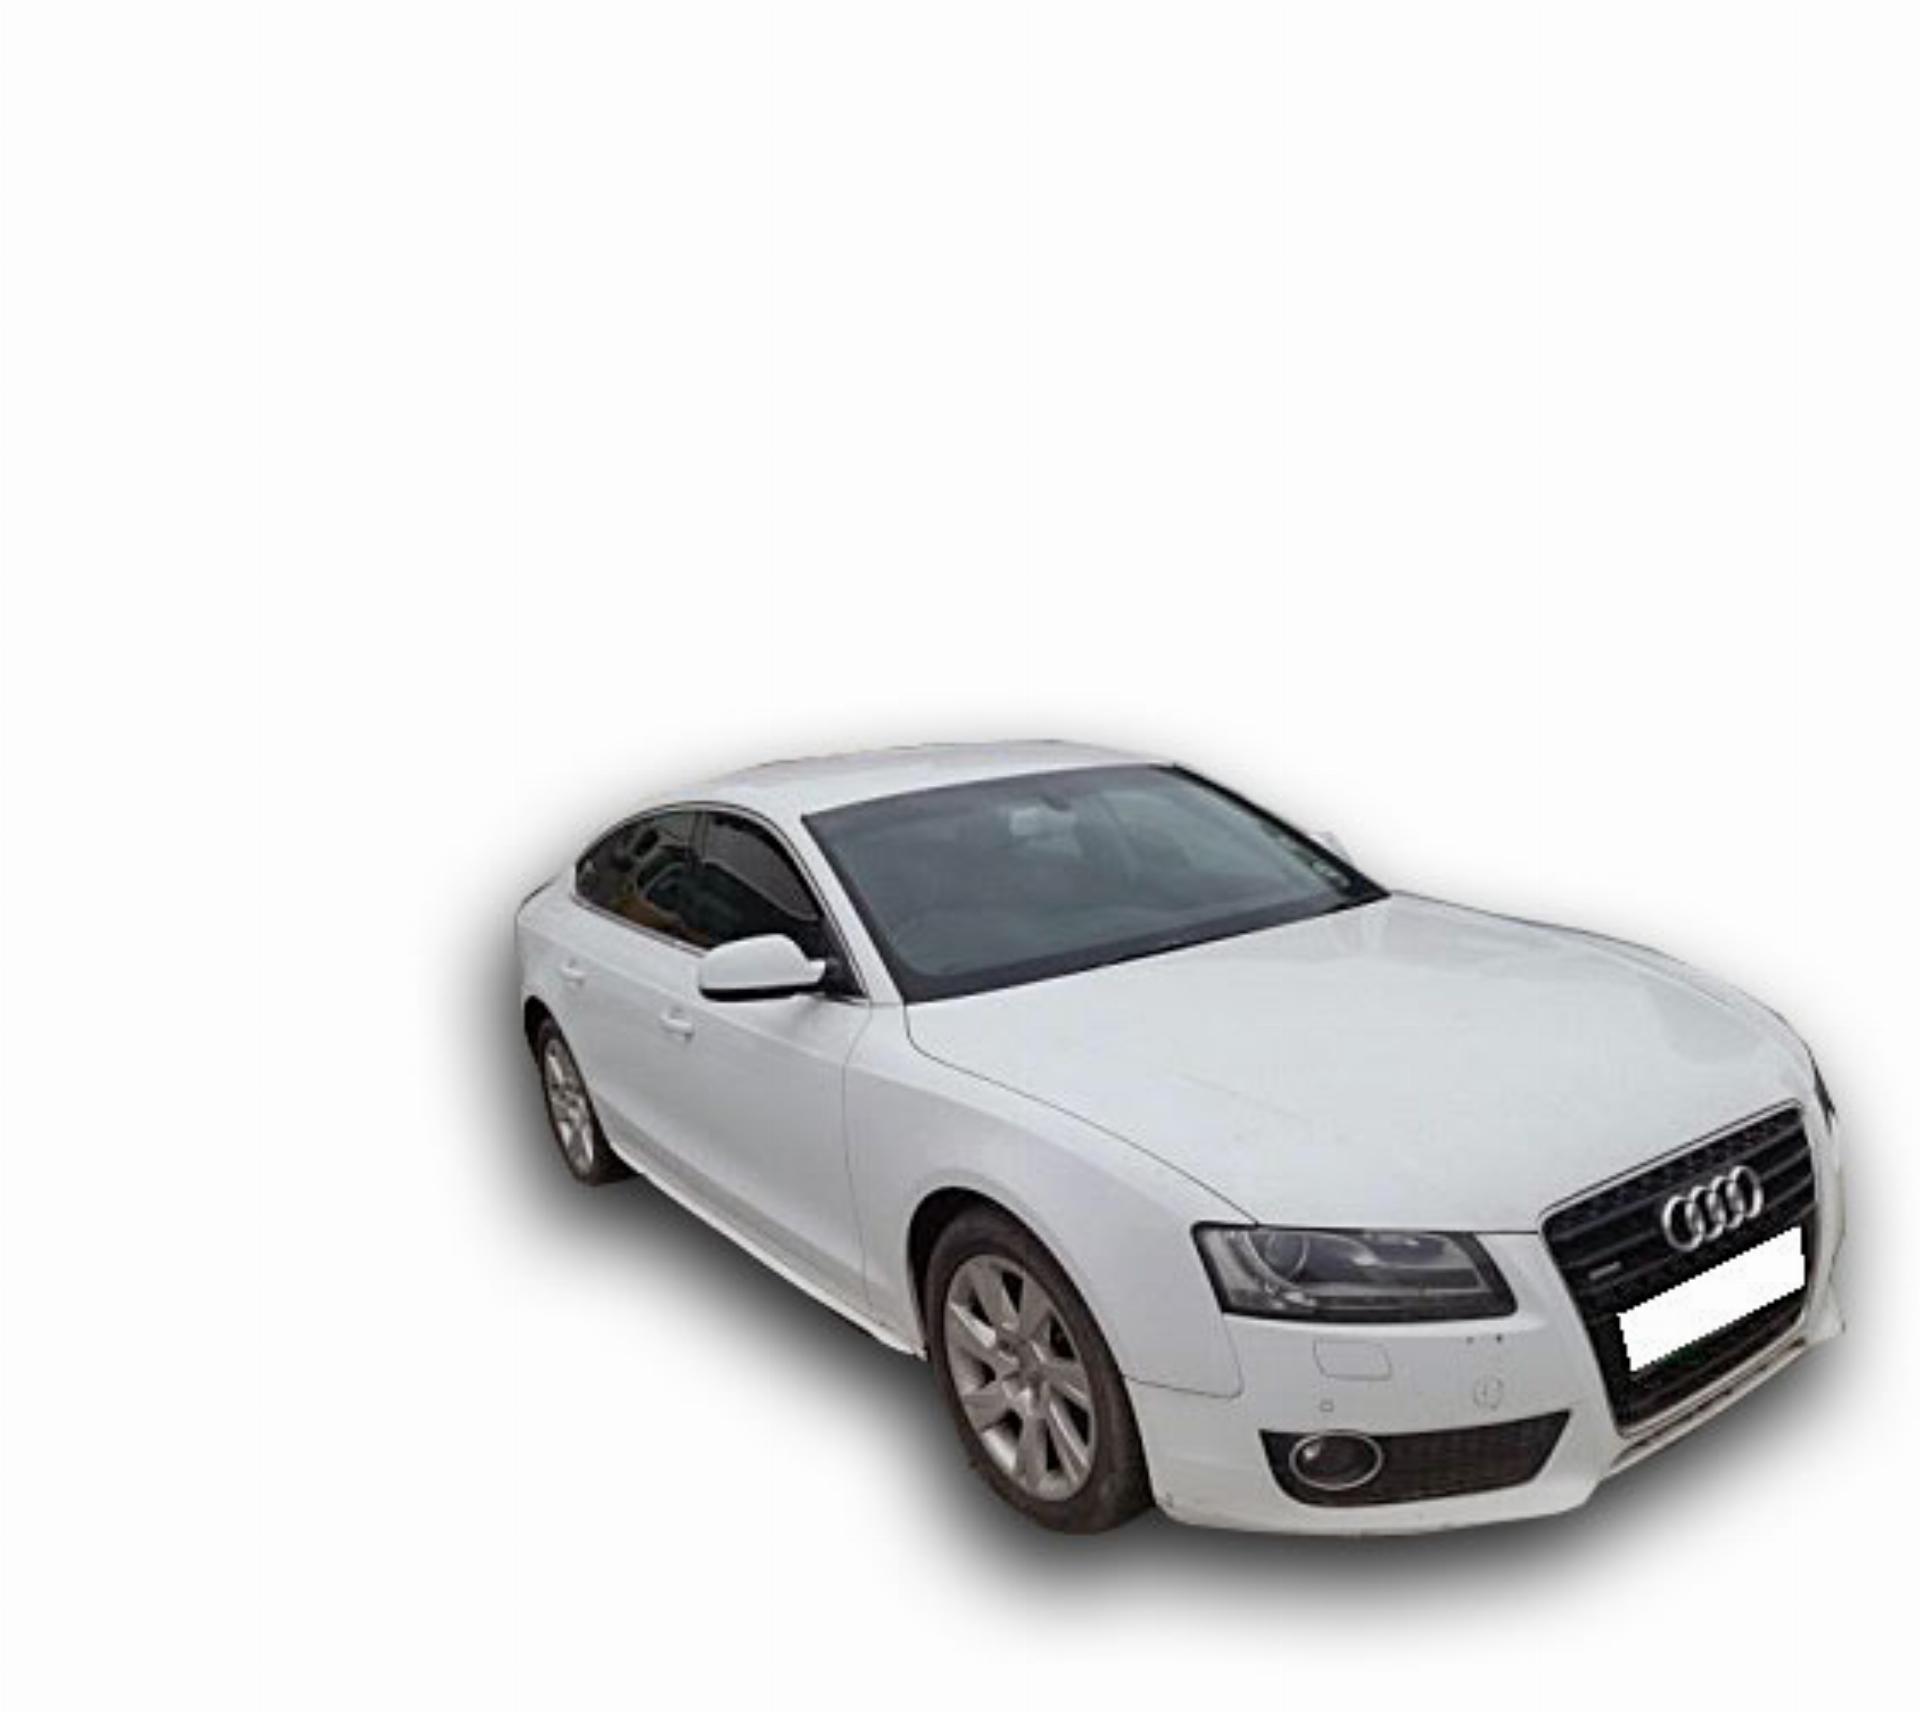 Audi A5 Sportback 3.0 TDI Quatt S